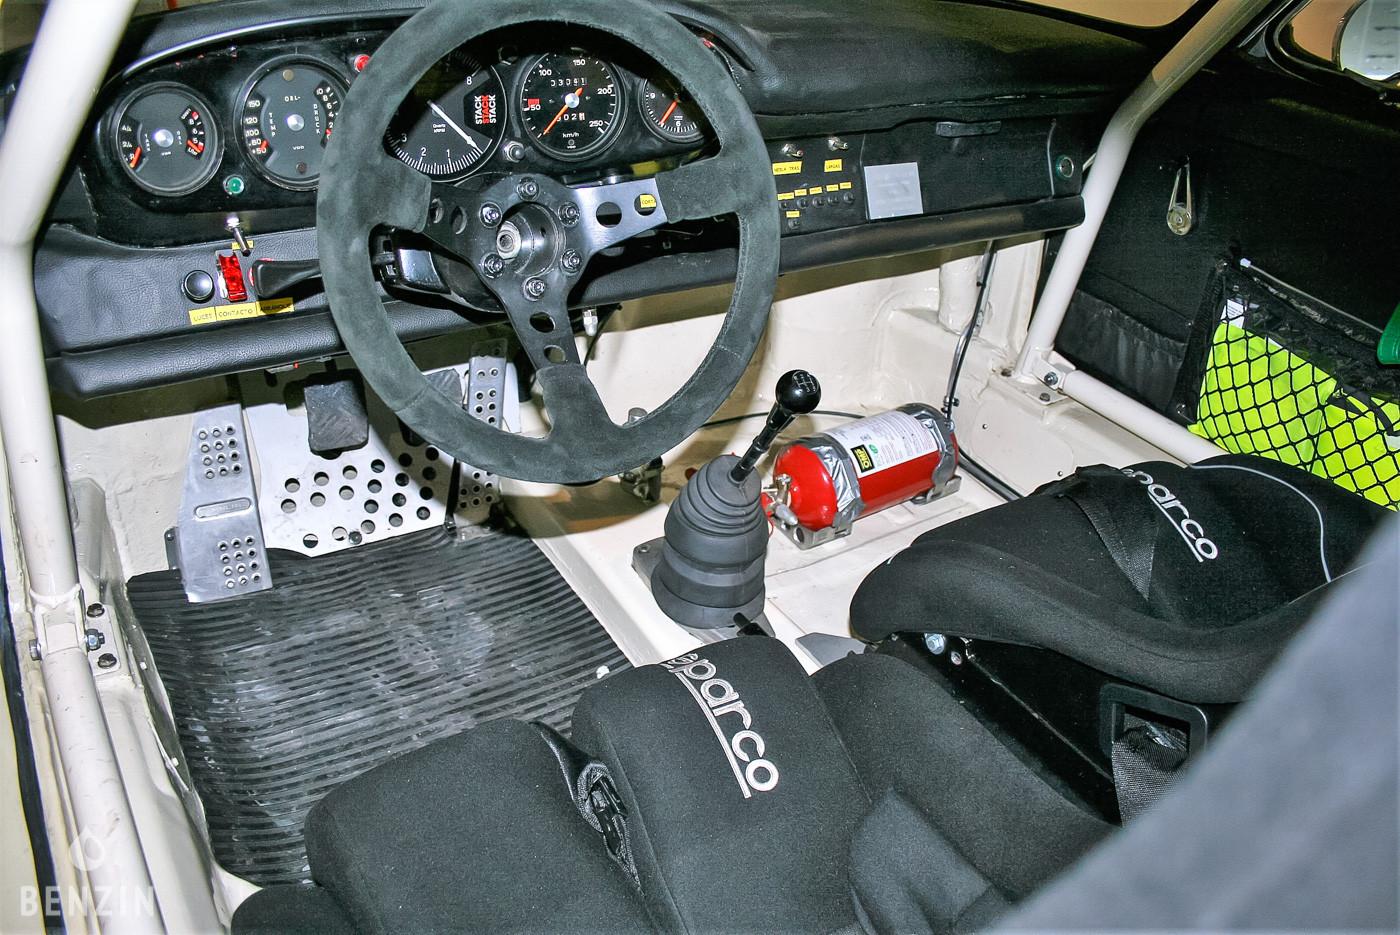 Porsche 911 2.0 SWB a vendre / Porsche 911 2.0 SWB to sell / Porsche 911 2.0 SWB verkaufen/ Porsche 911 2.0 SWB en venta